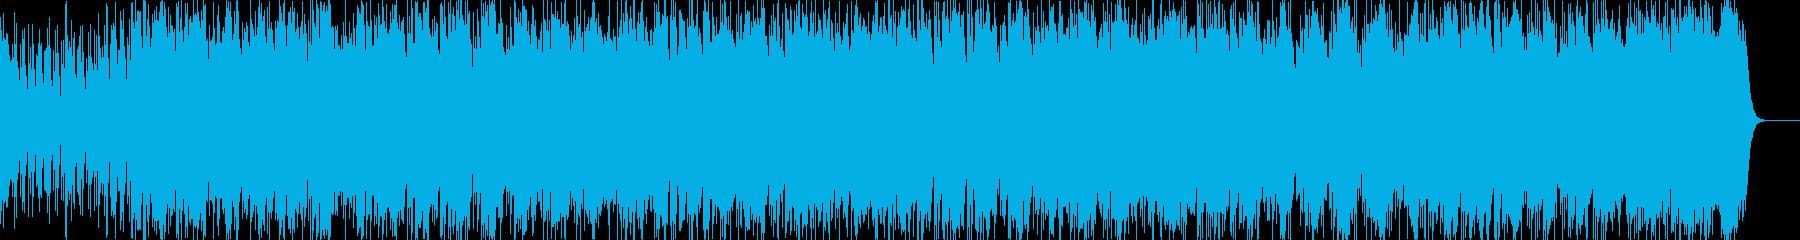 和風ロックです。ベースが響く感じです。の再生済みの波形